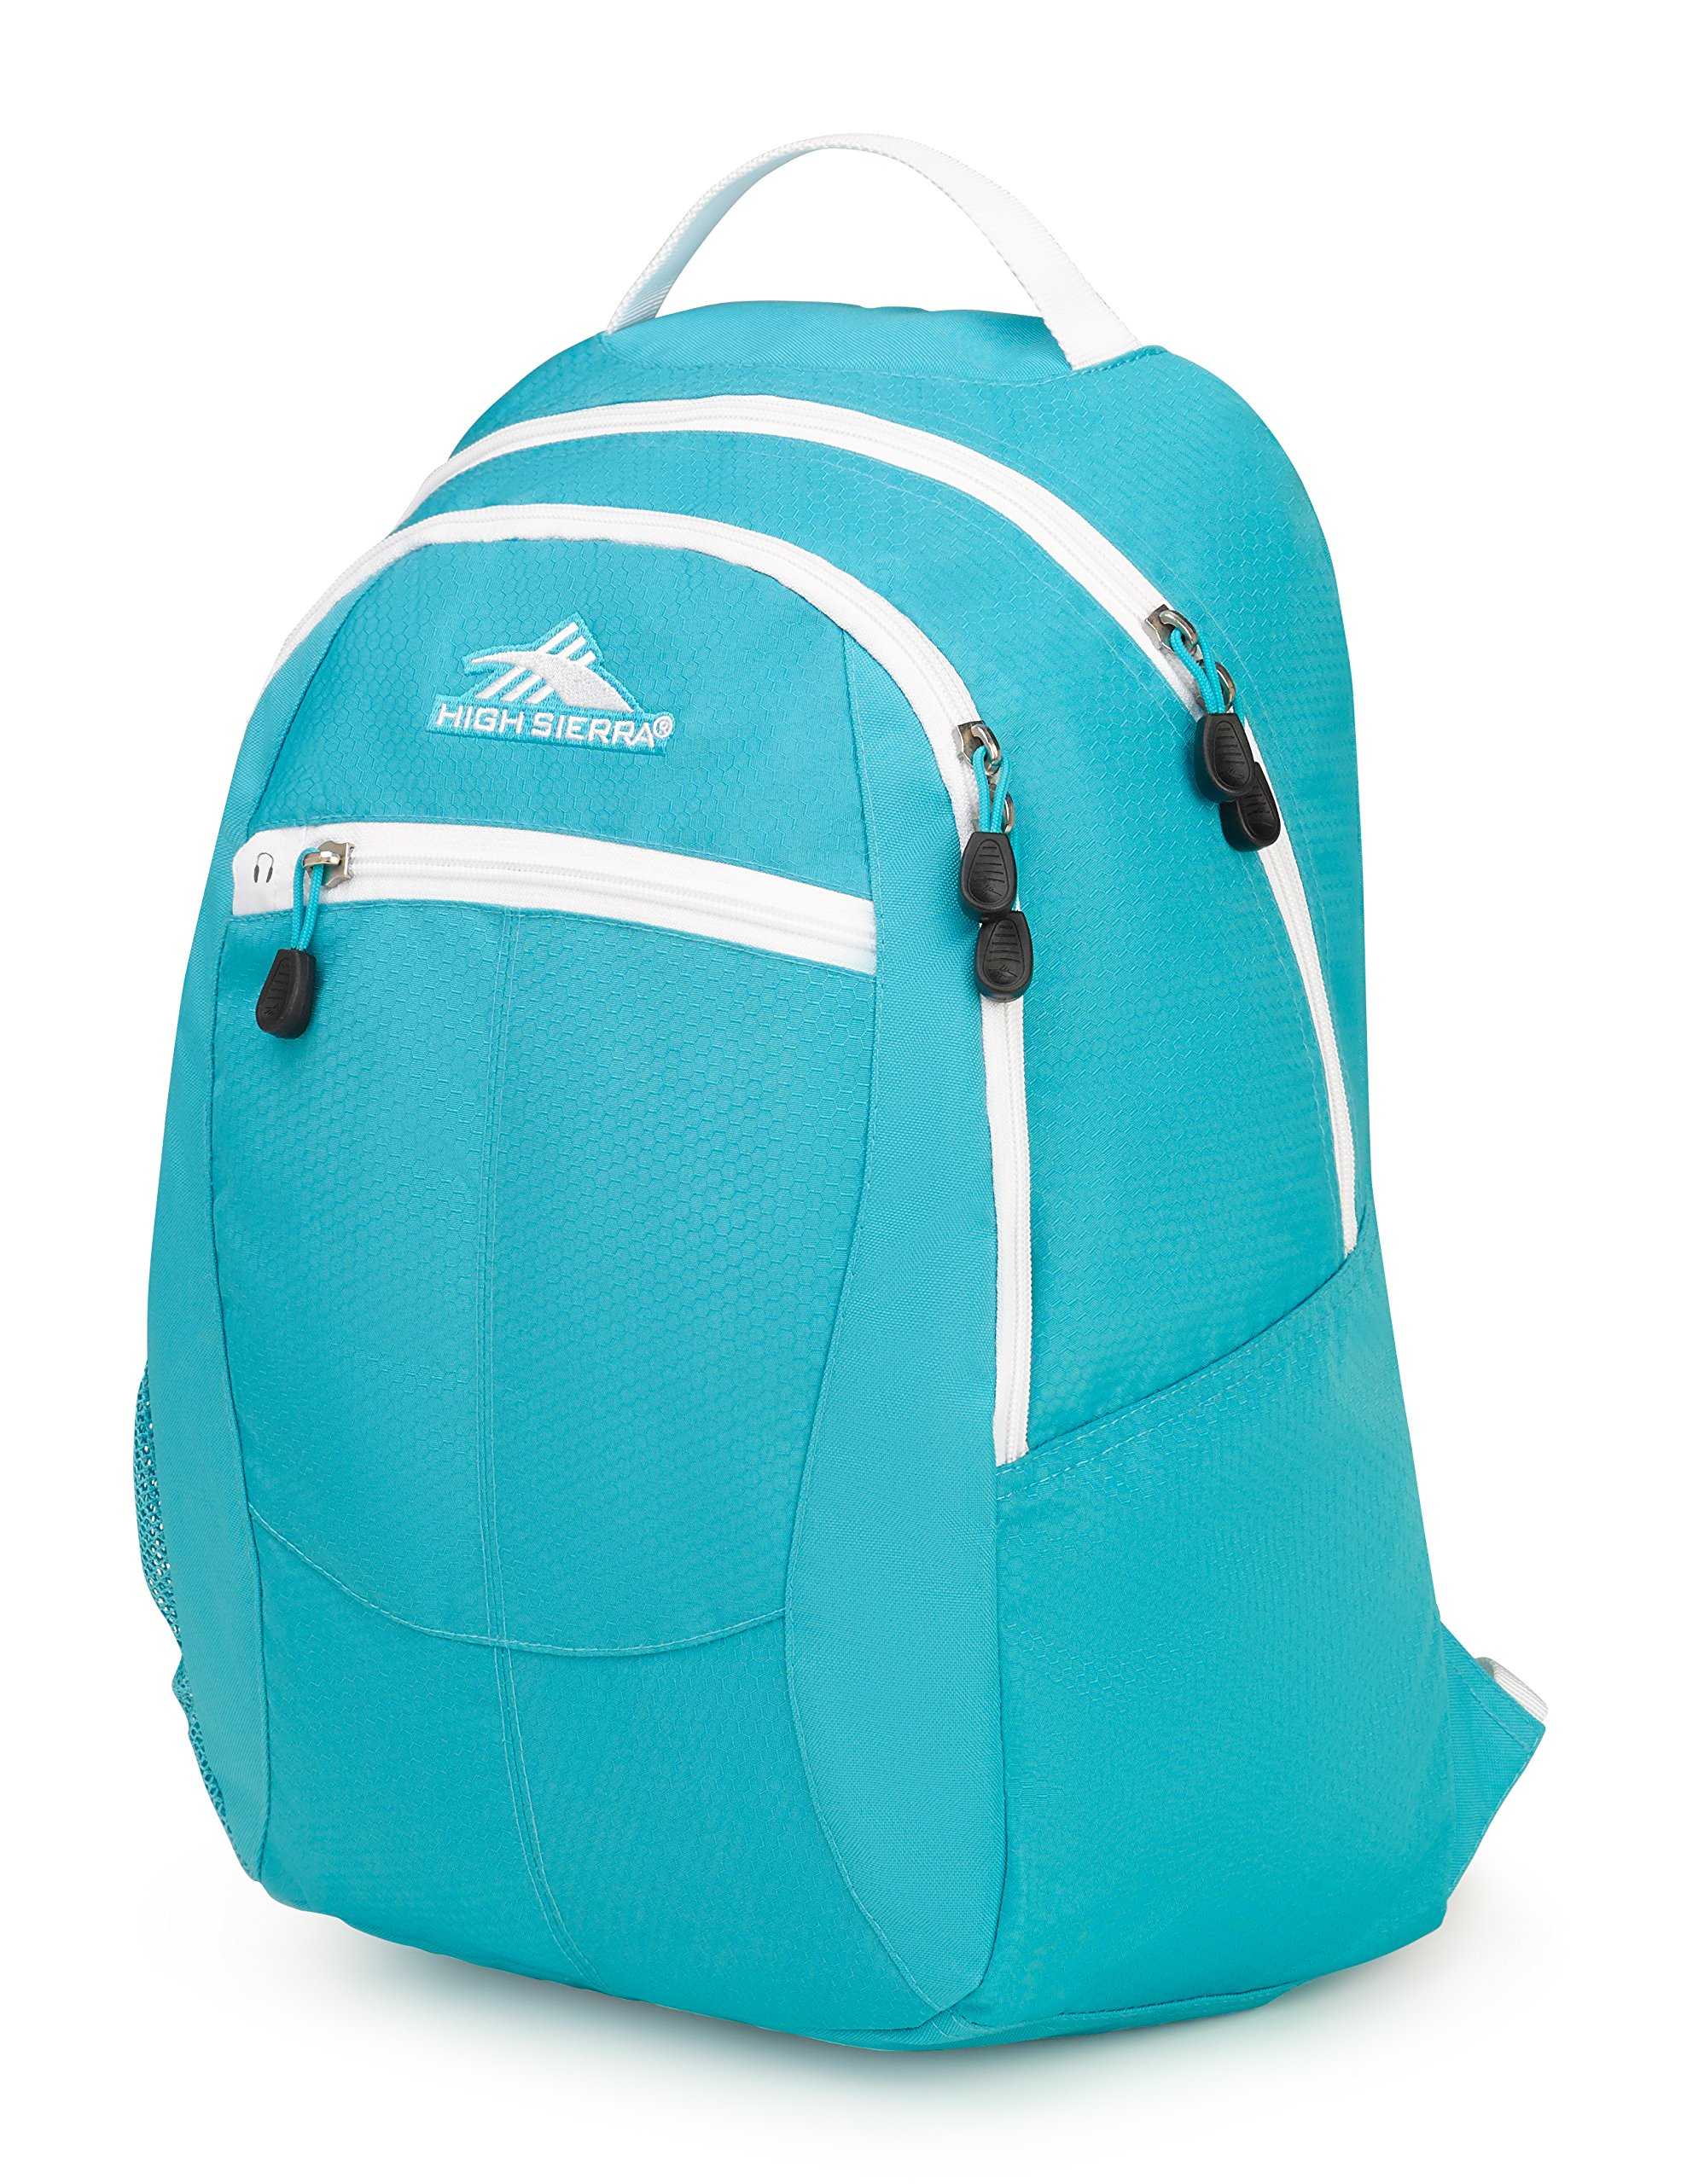 High Sierra Curve Backpack, Tropic Teal White   Amazon 5083f876ee